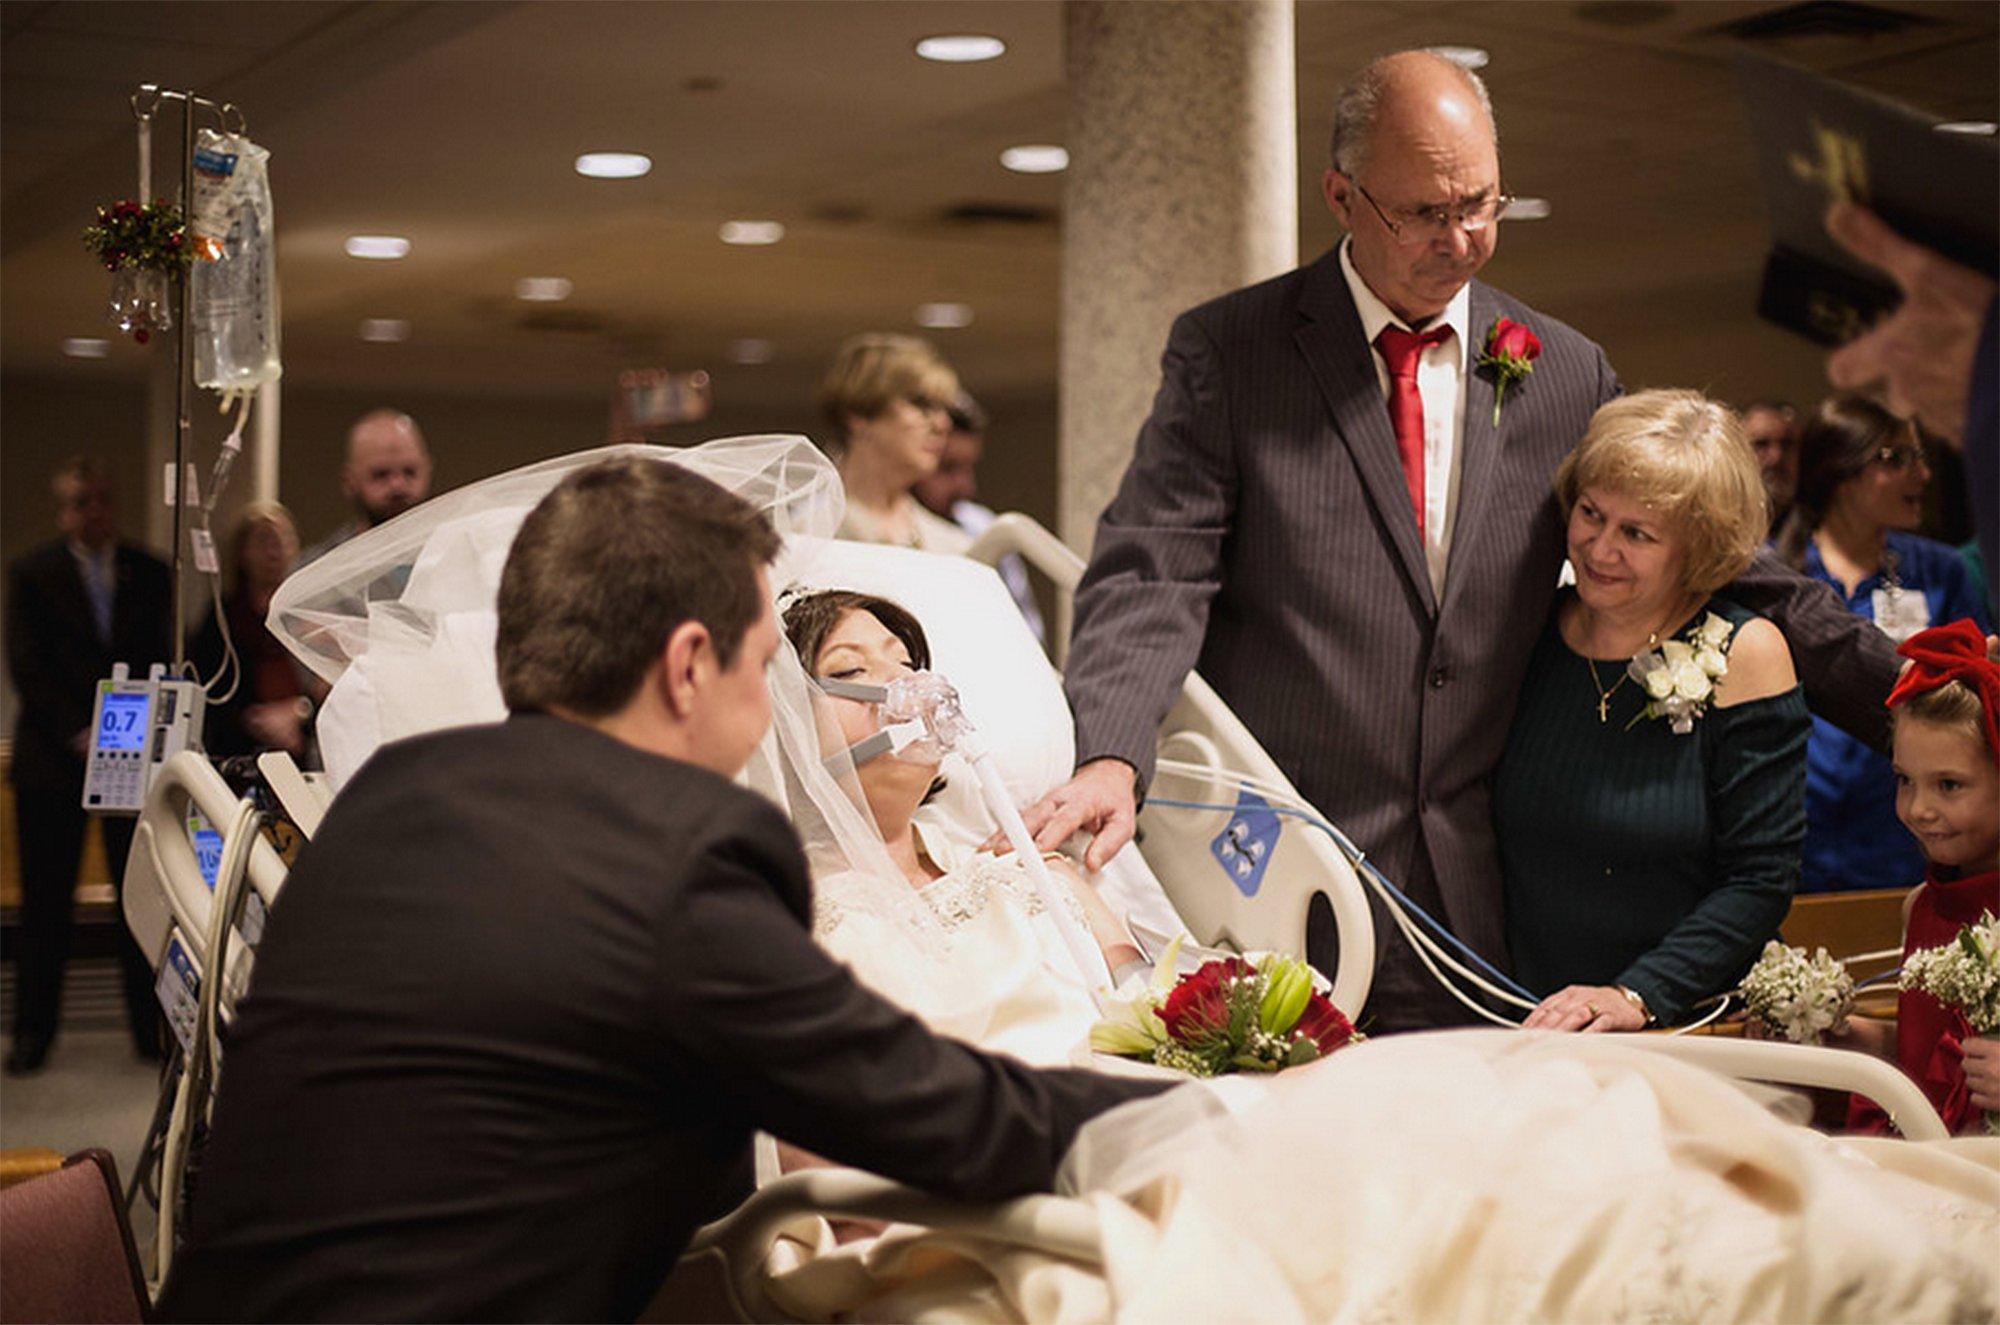 heather mosher 6 - Una pareja decide casarse aunque ella estaba a punto de morir de cáncer, 18 horas después él quedó viudo.